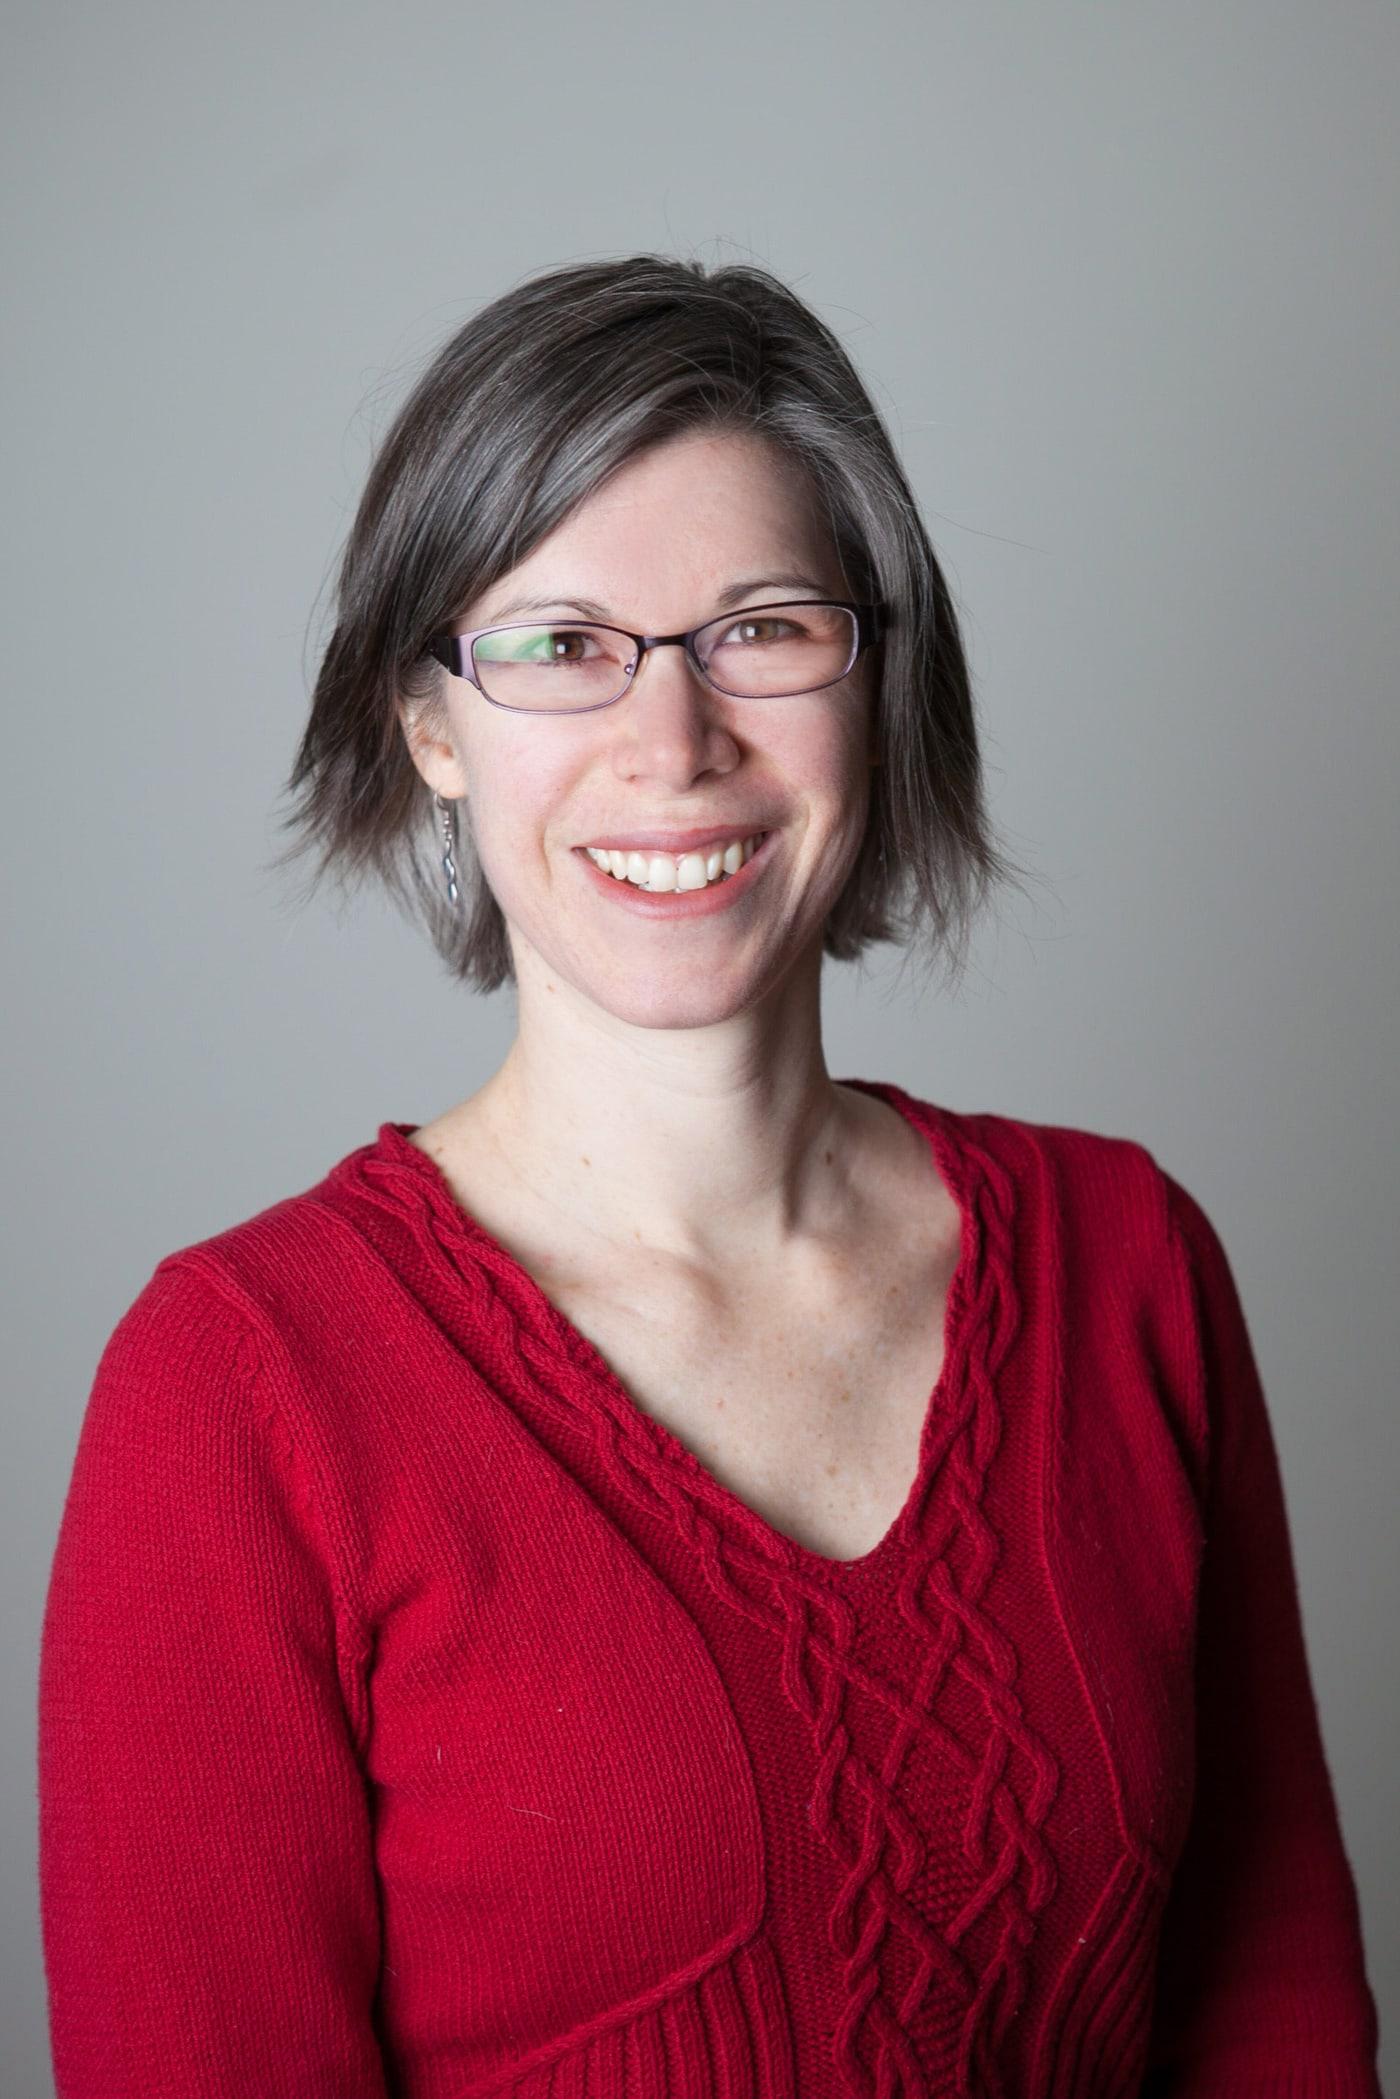 Rachel Setzke